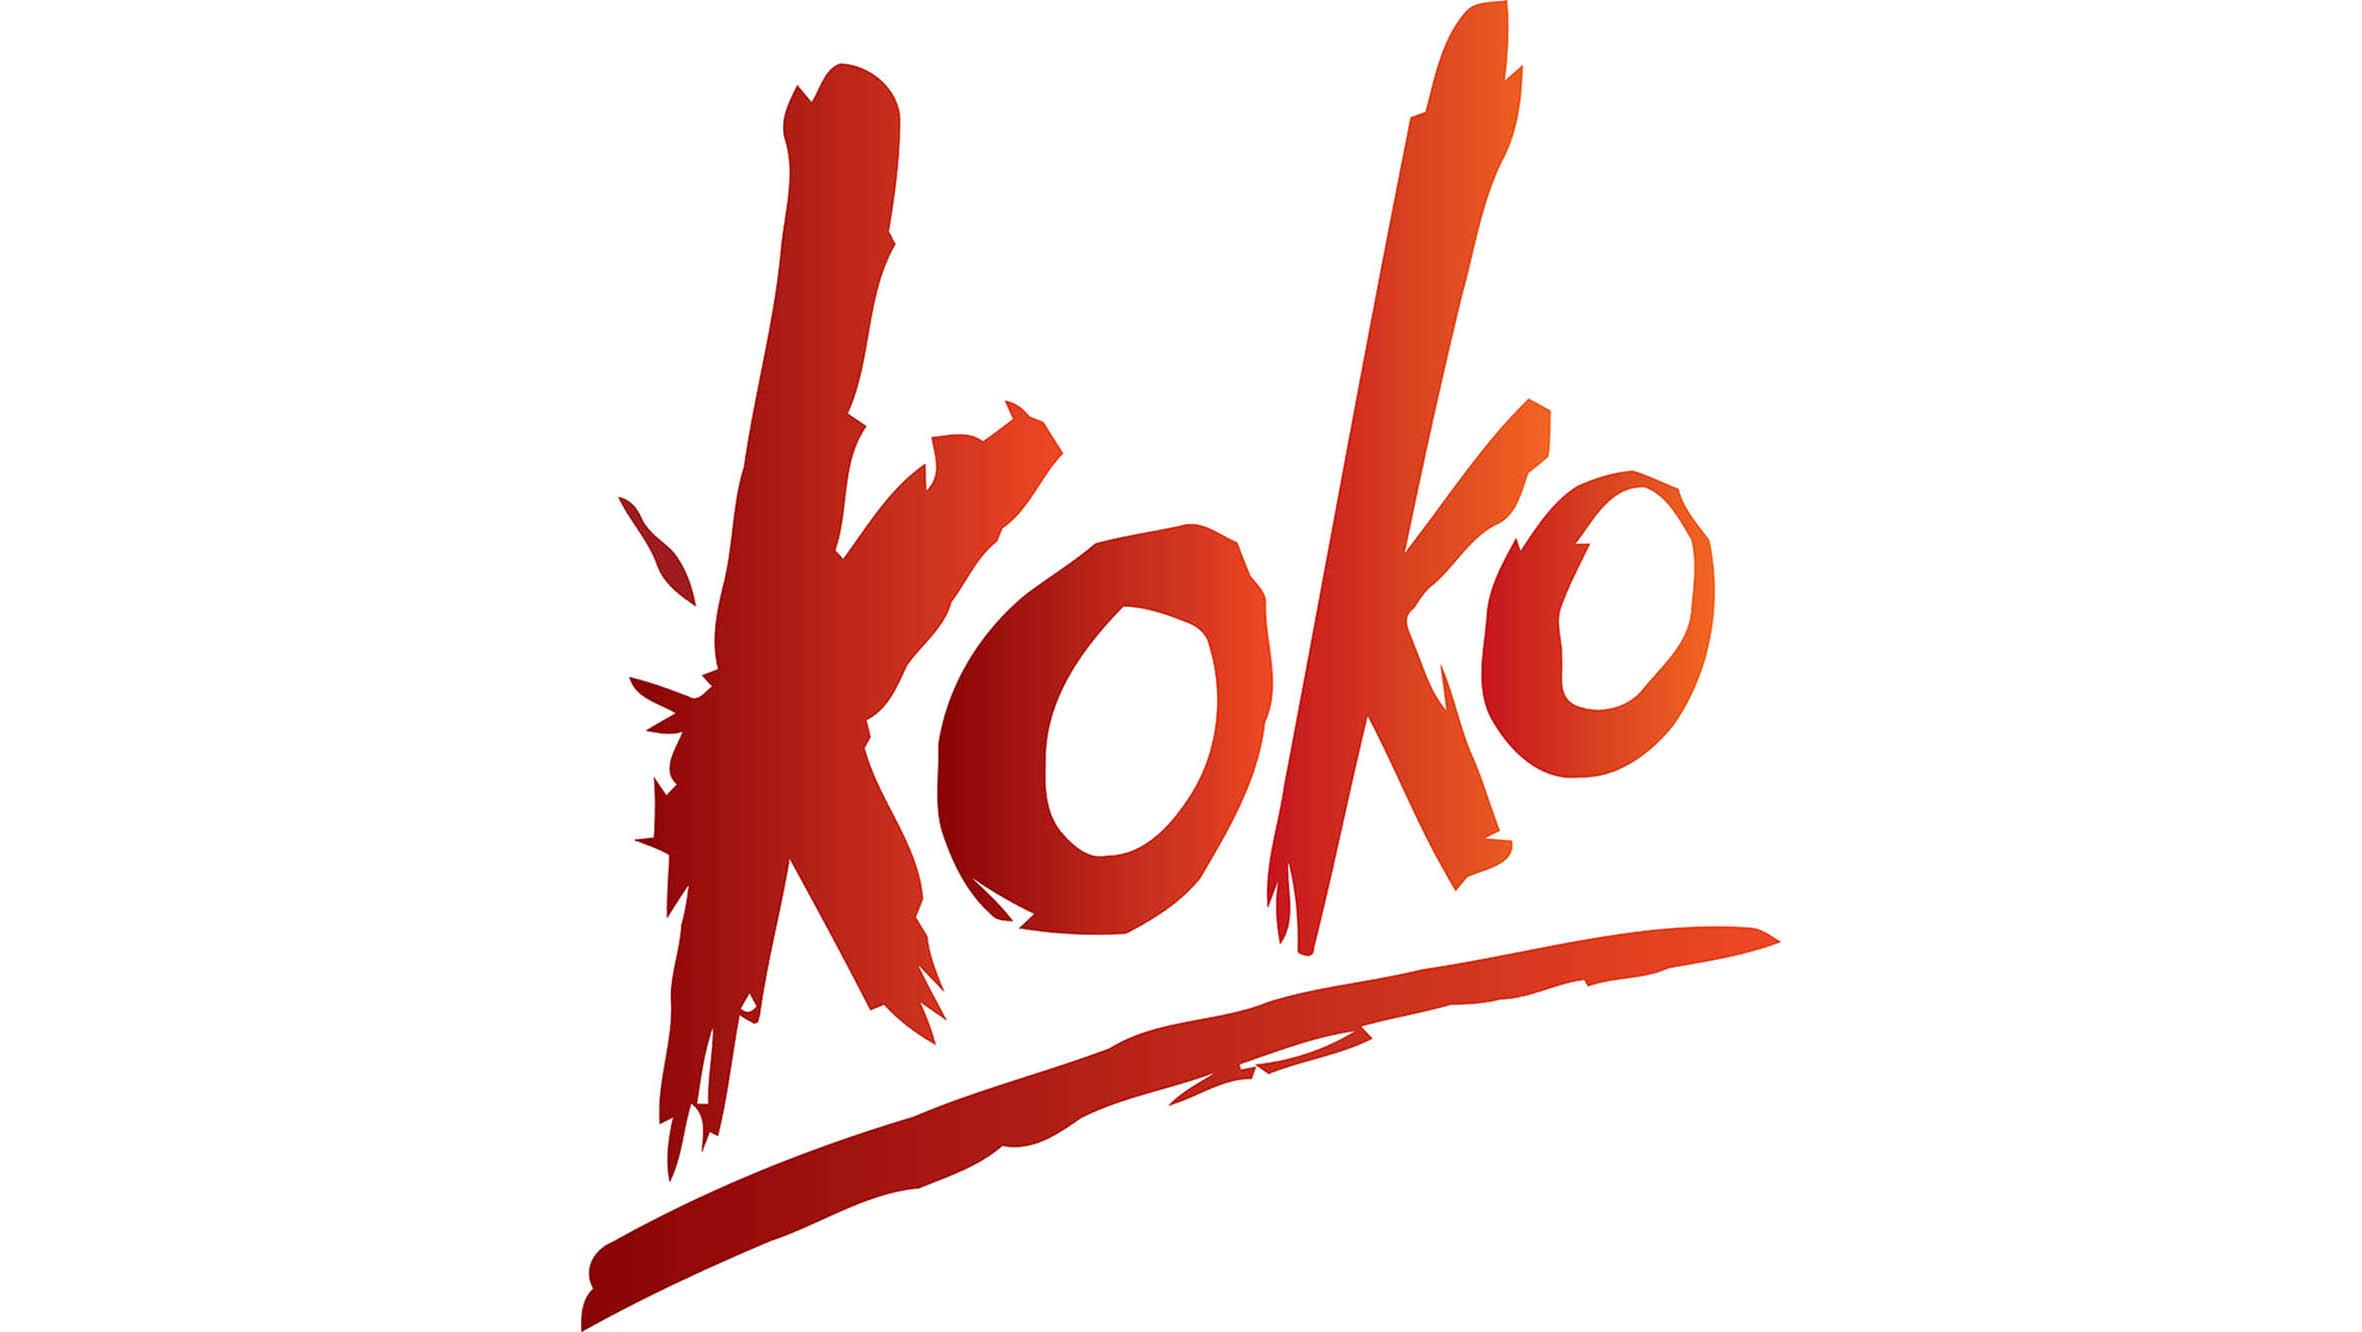 Logo Koko